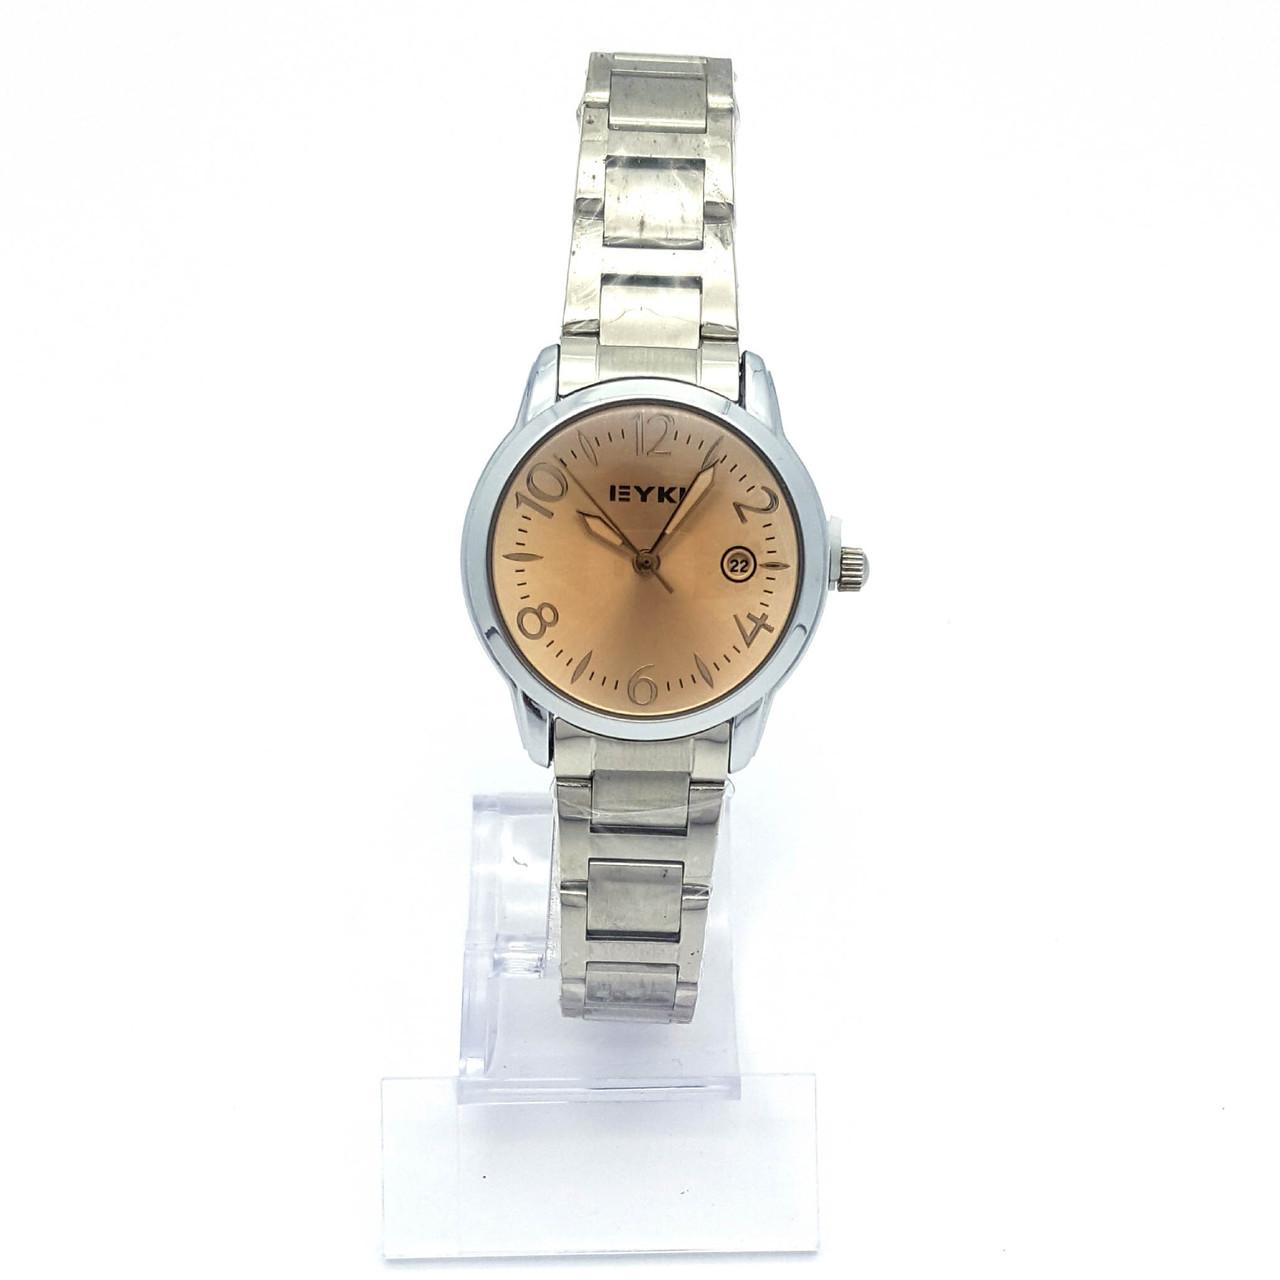 Часы EYKI Классика, под серебро, на браслете р.20, циферблат 29мм